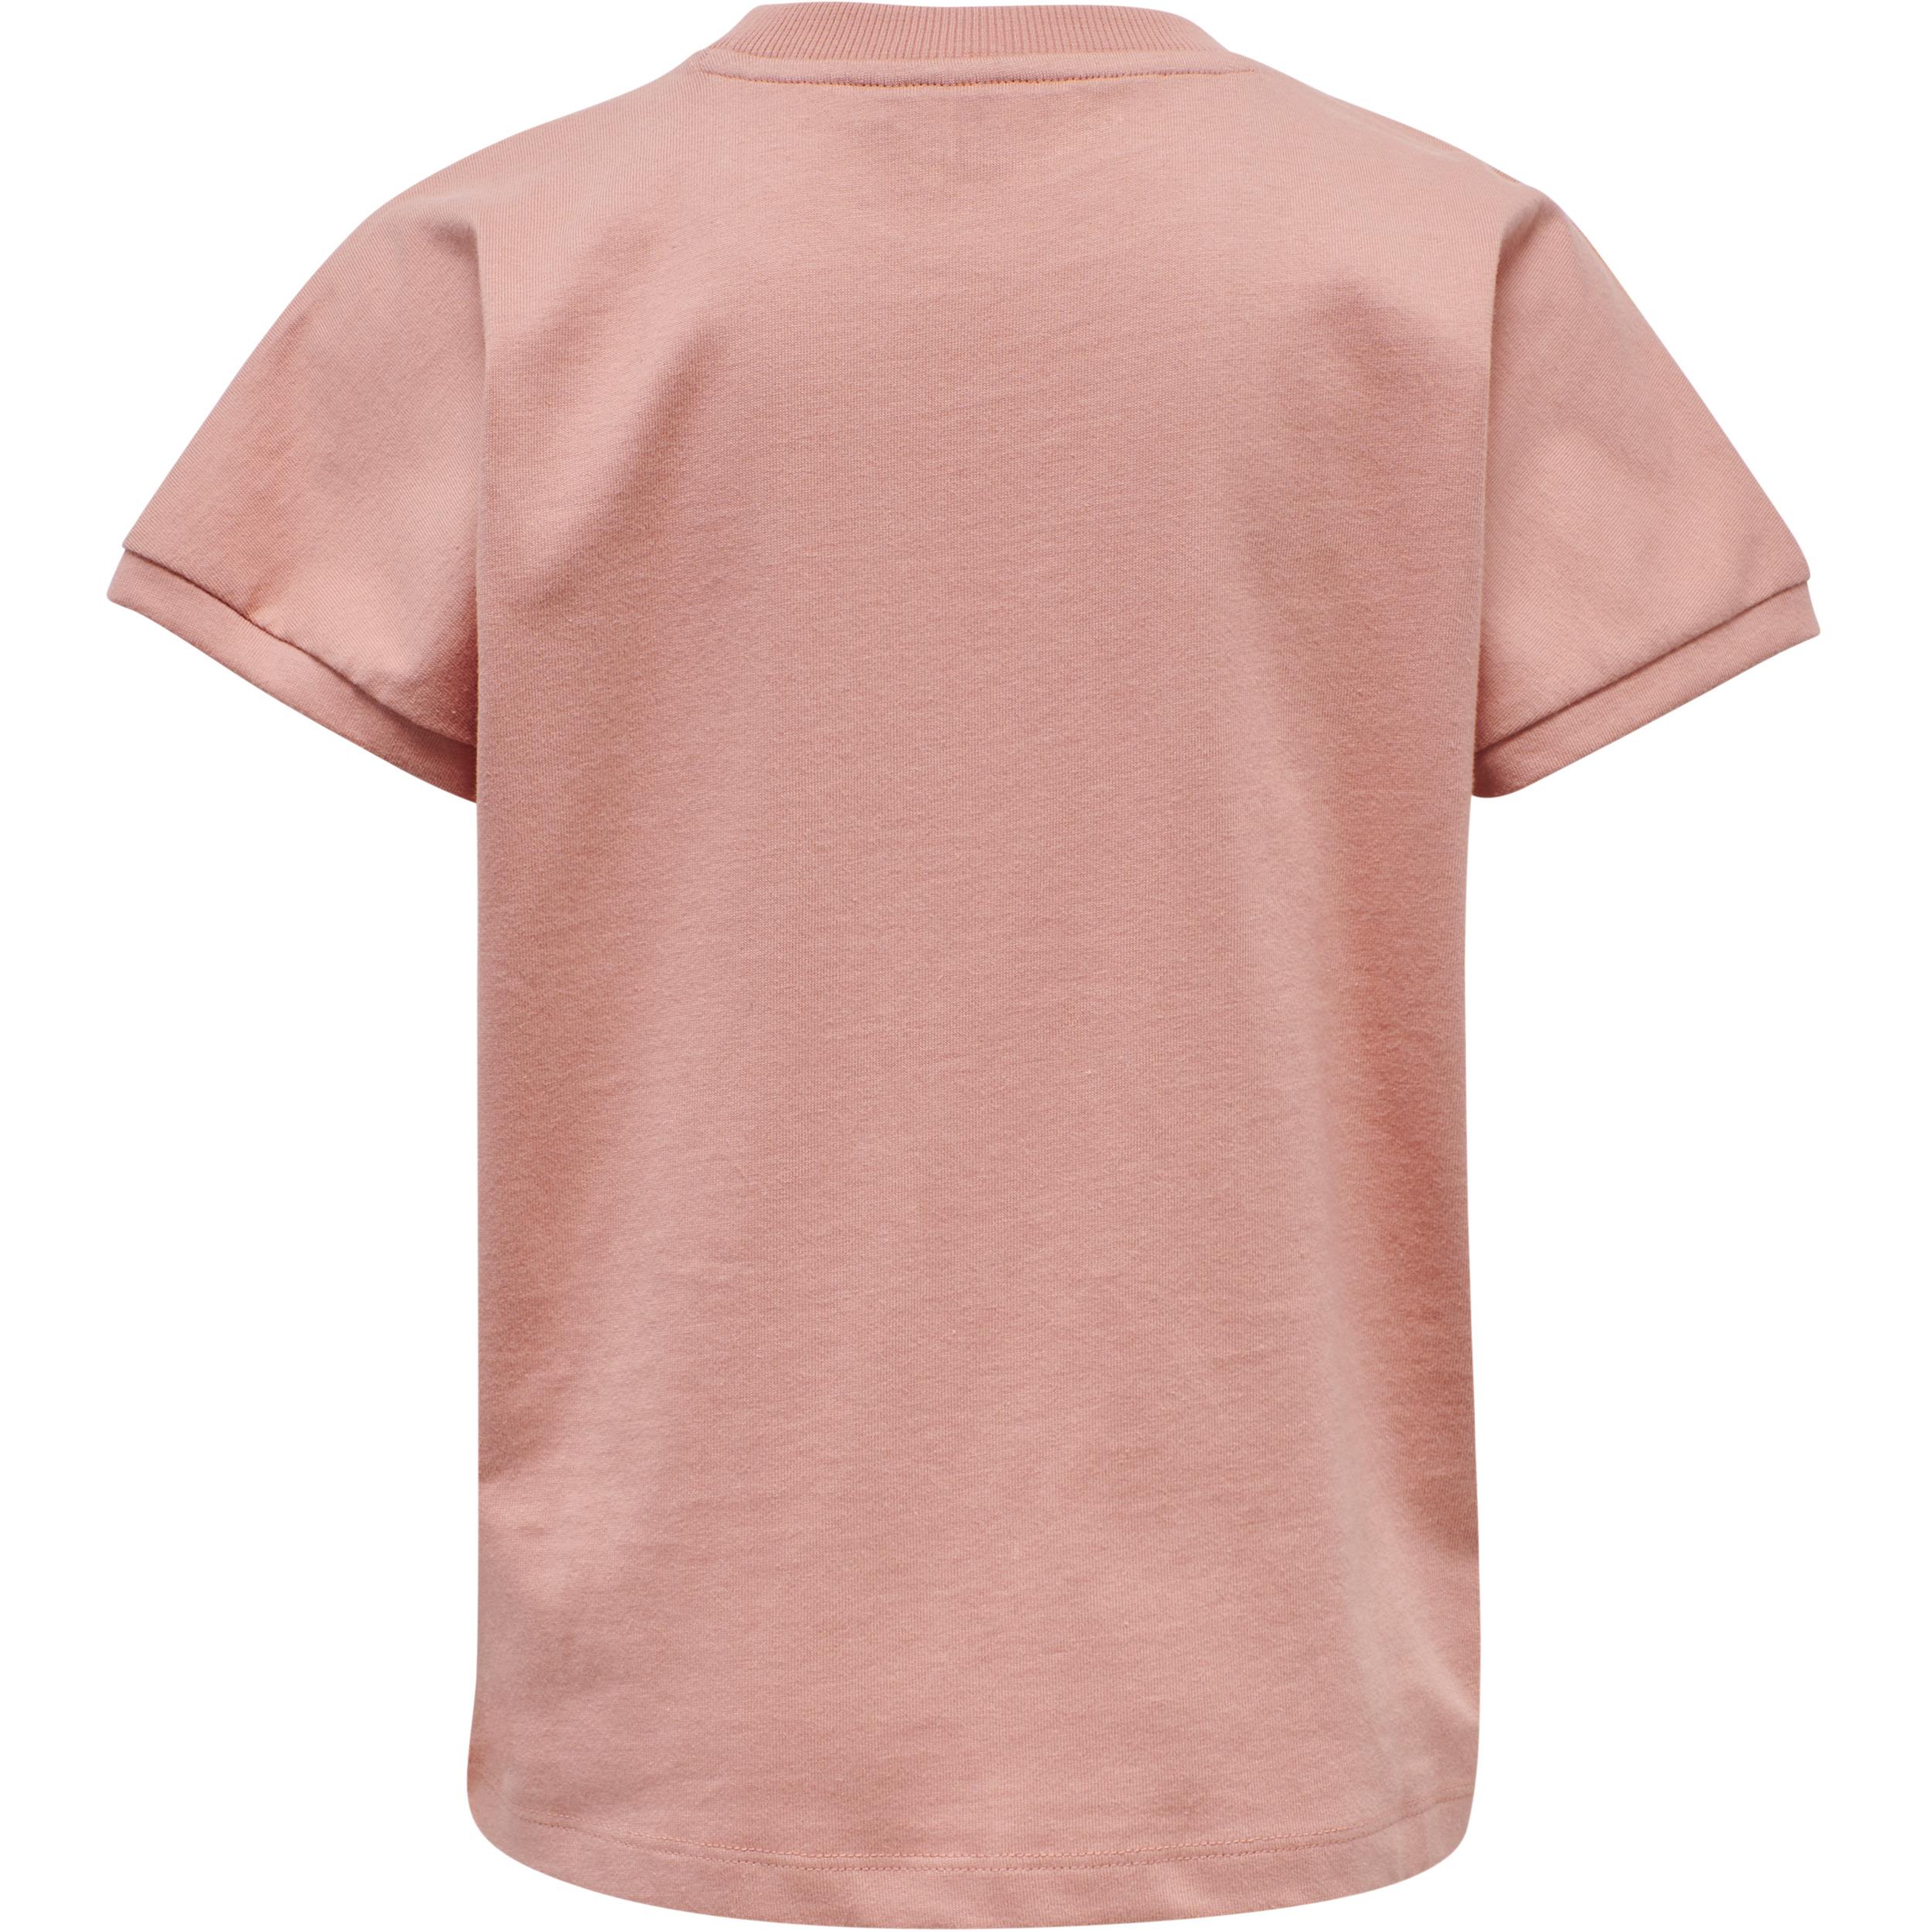 Hummel Atlantis SS t-shirt, Cameo brown, 140